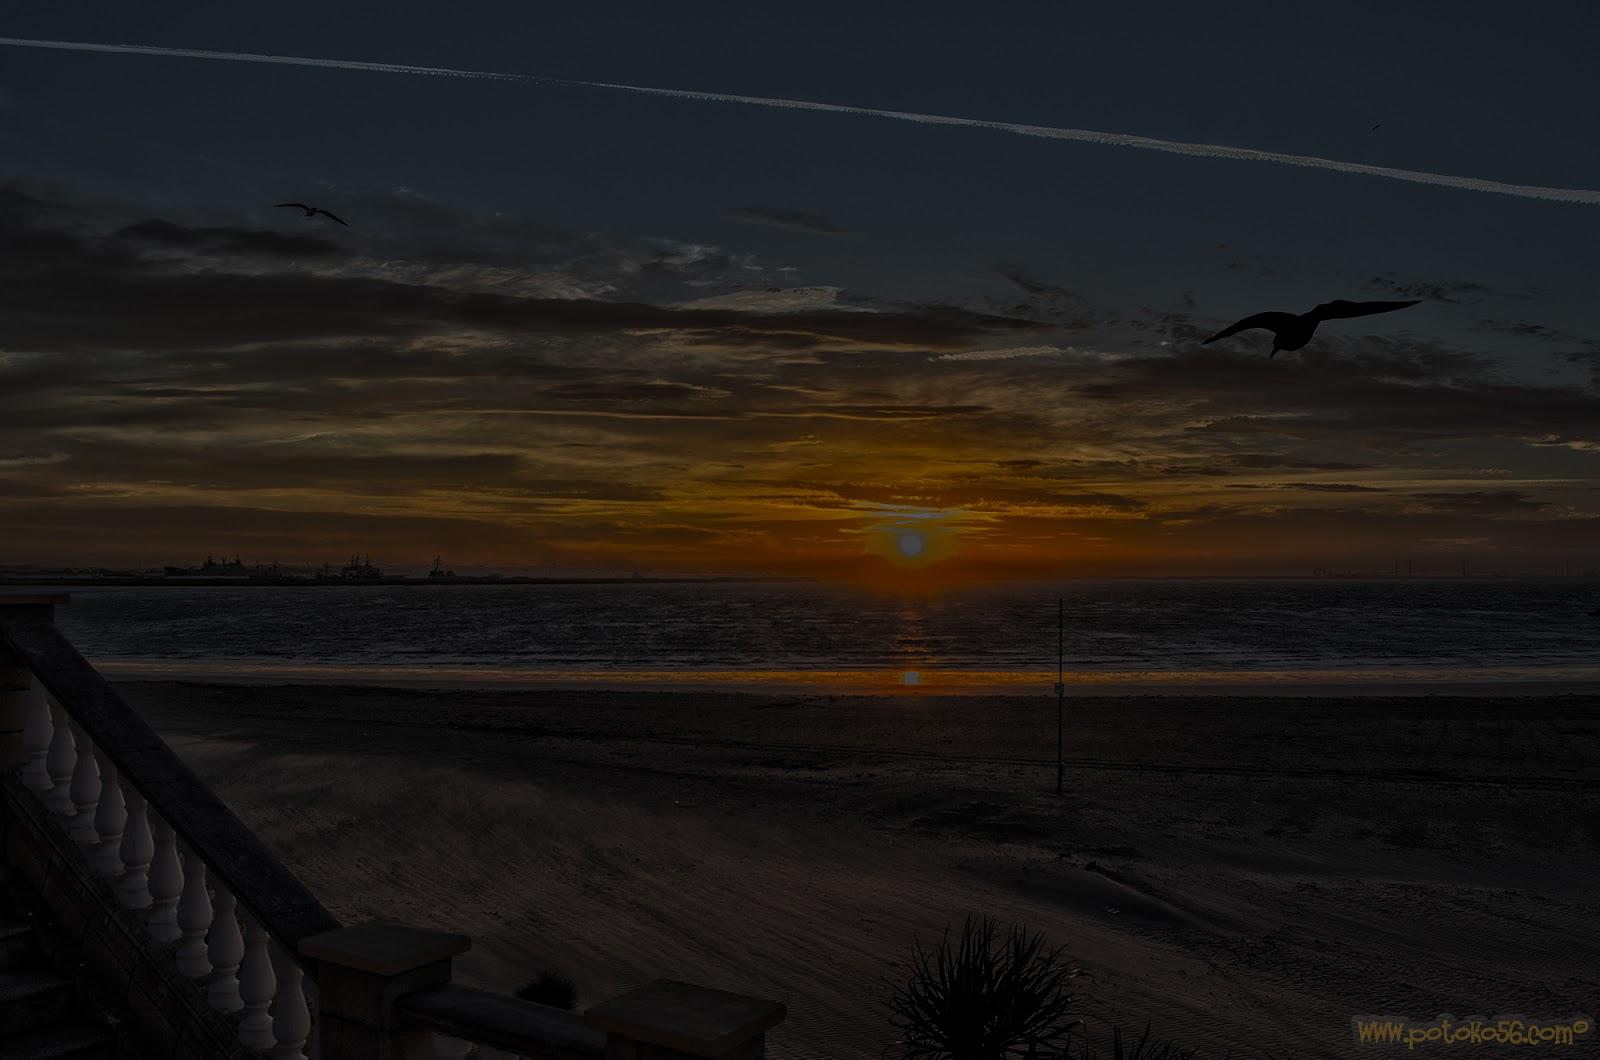 Playa del chorrillo amaneciendo hoy 27-12-2015